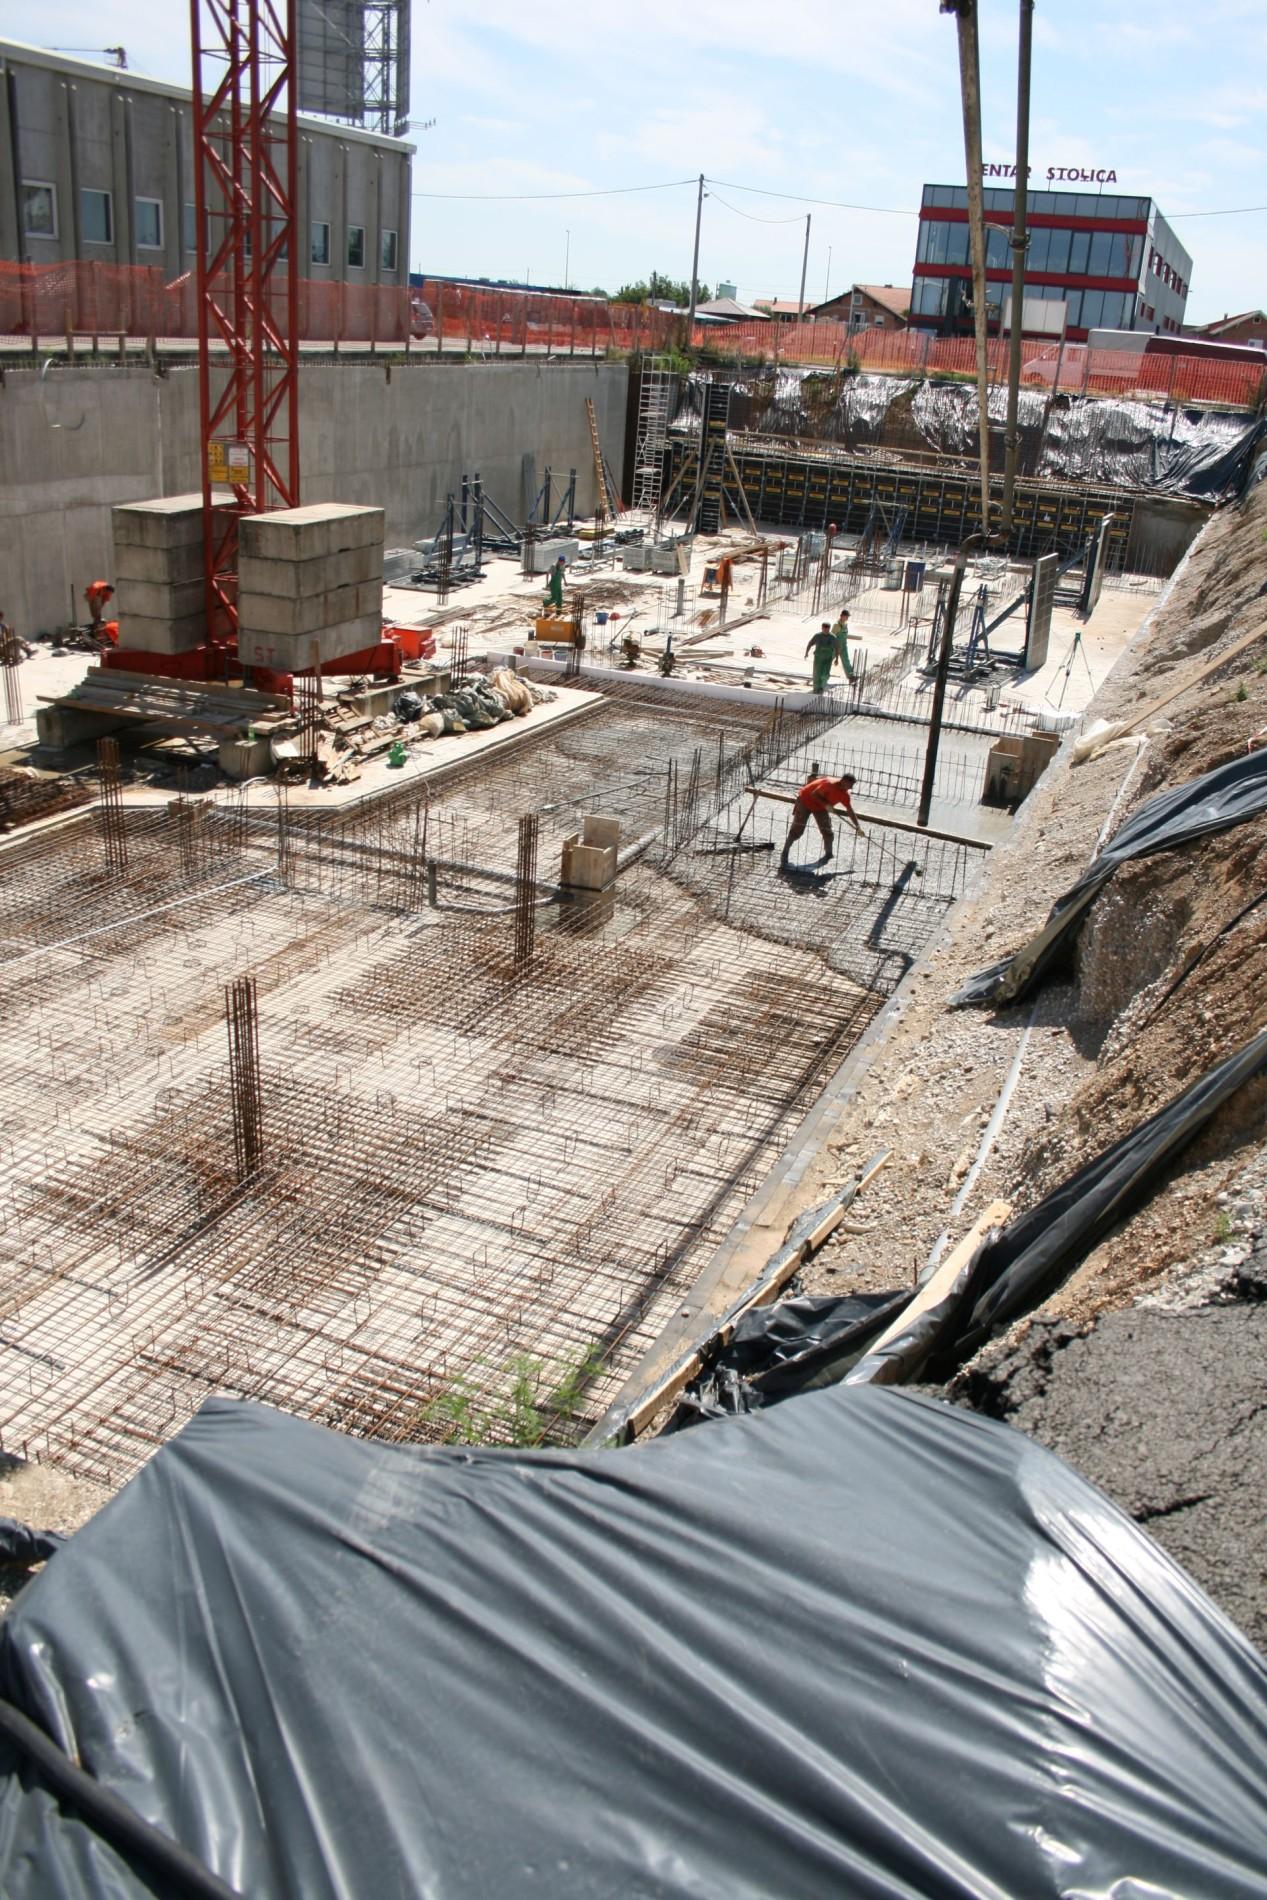 stipić, stipic, upi-2m, beton,lučko, zagreb, hrvatska, croatia,concrete,architecture, stipić, novi stipić, stipić d.o.o., structure